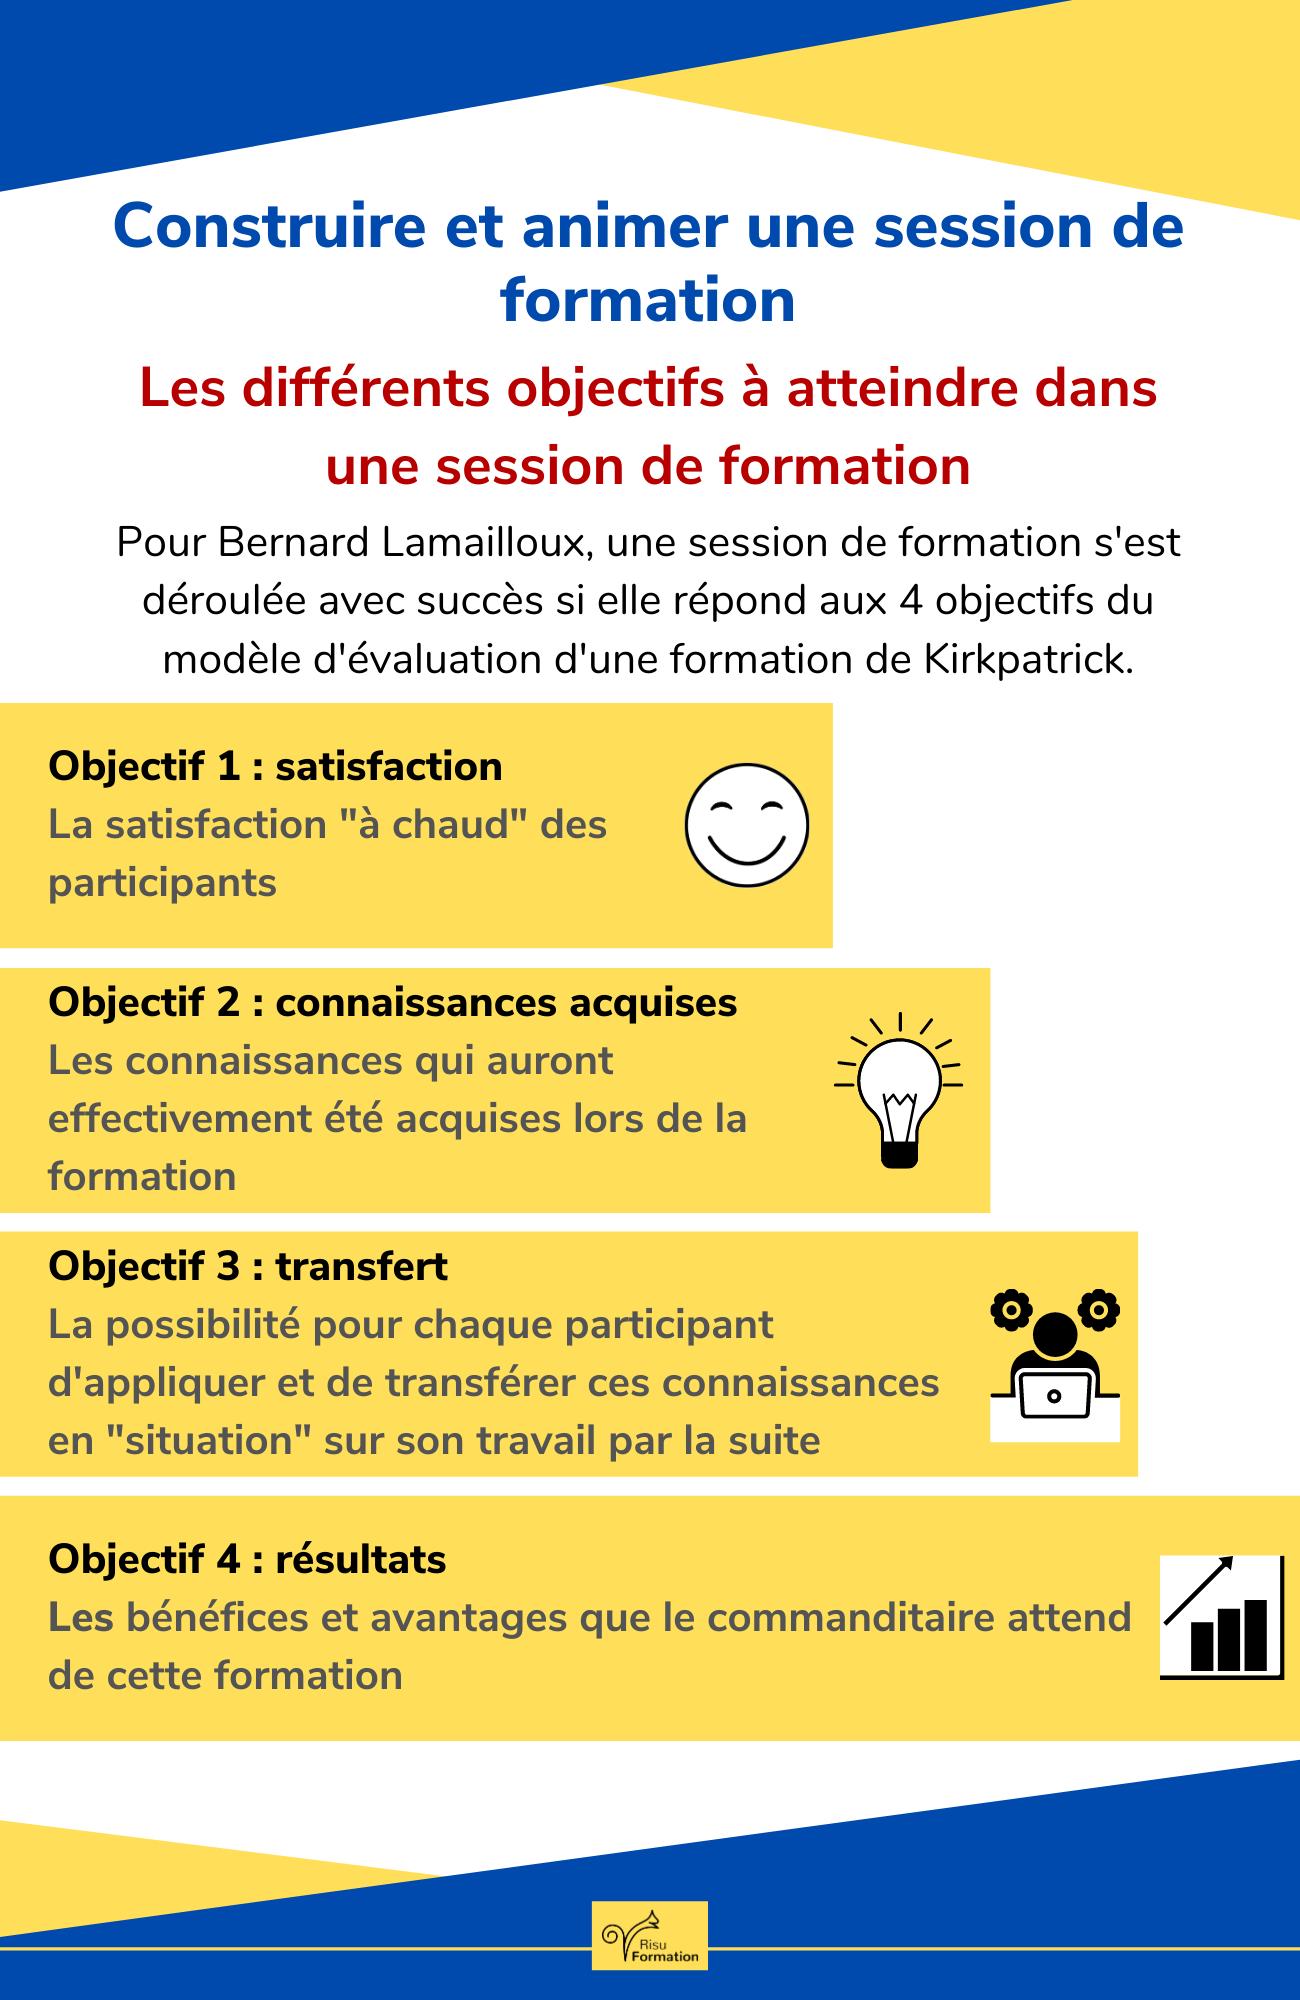 infographie de la semaine : les différents objectifs à atteindre dans une session de formation